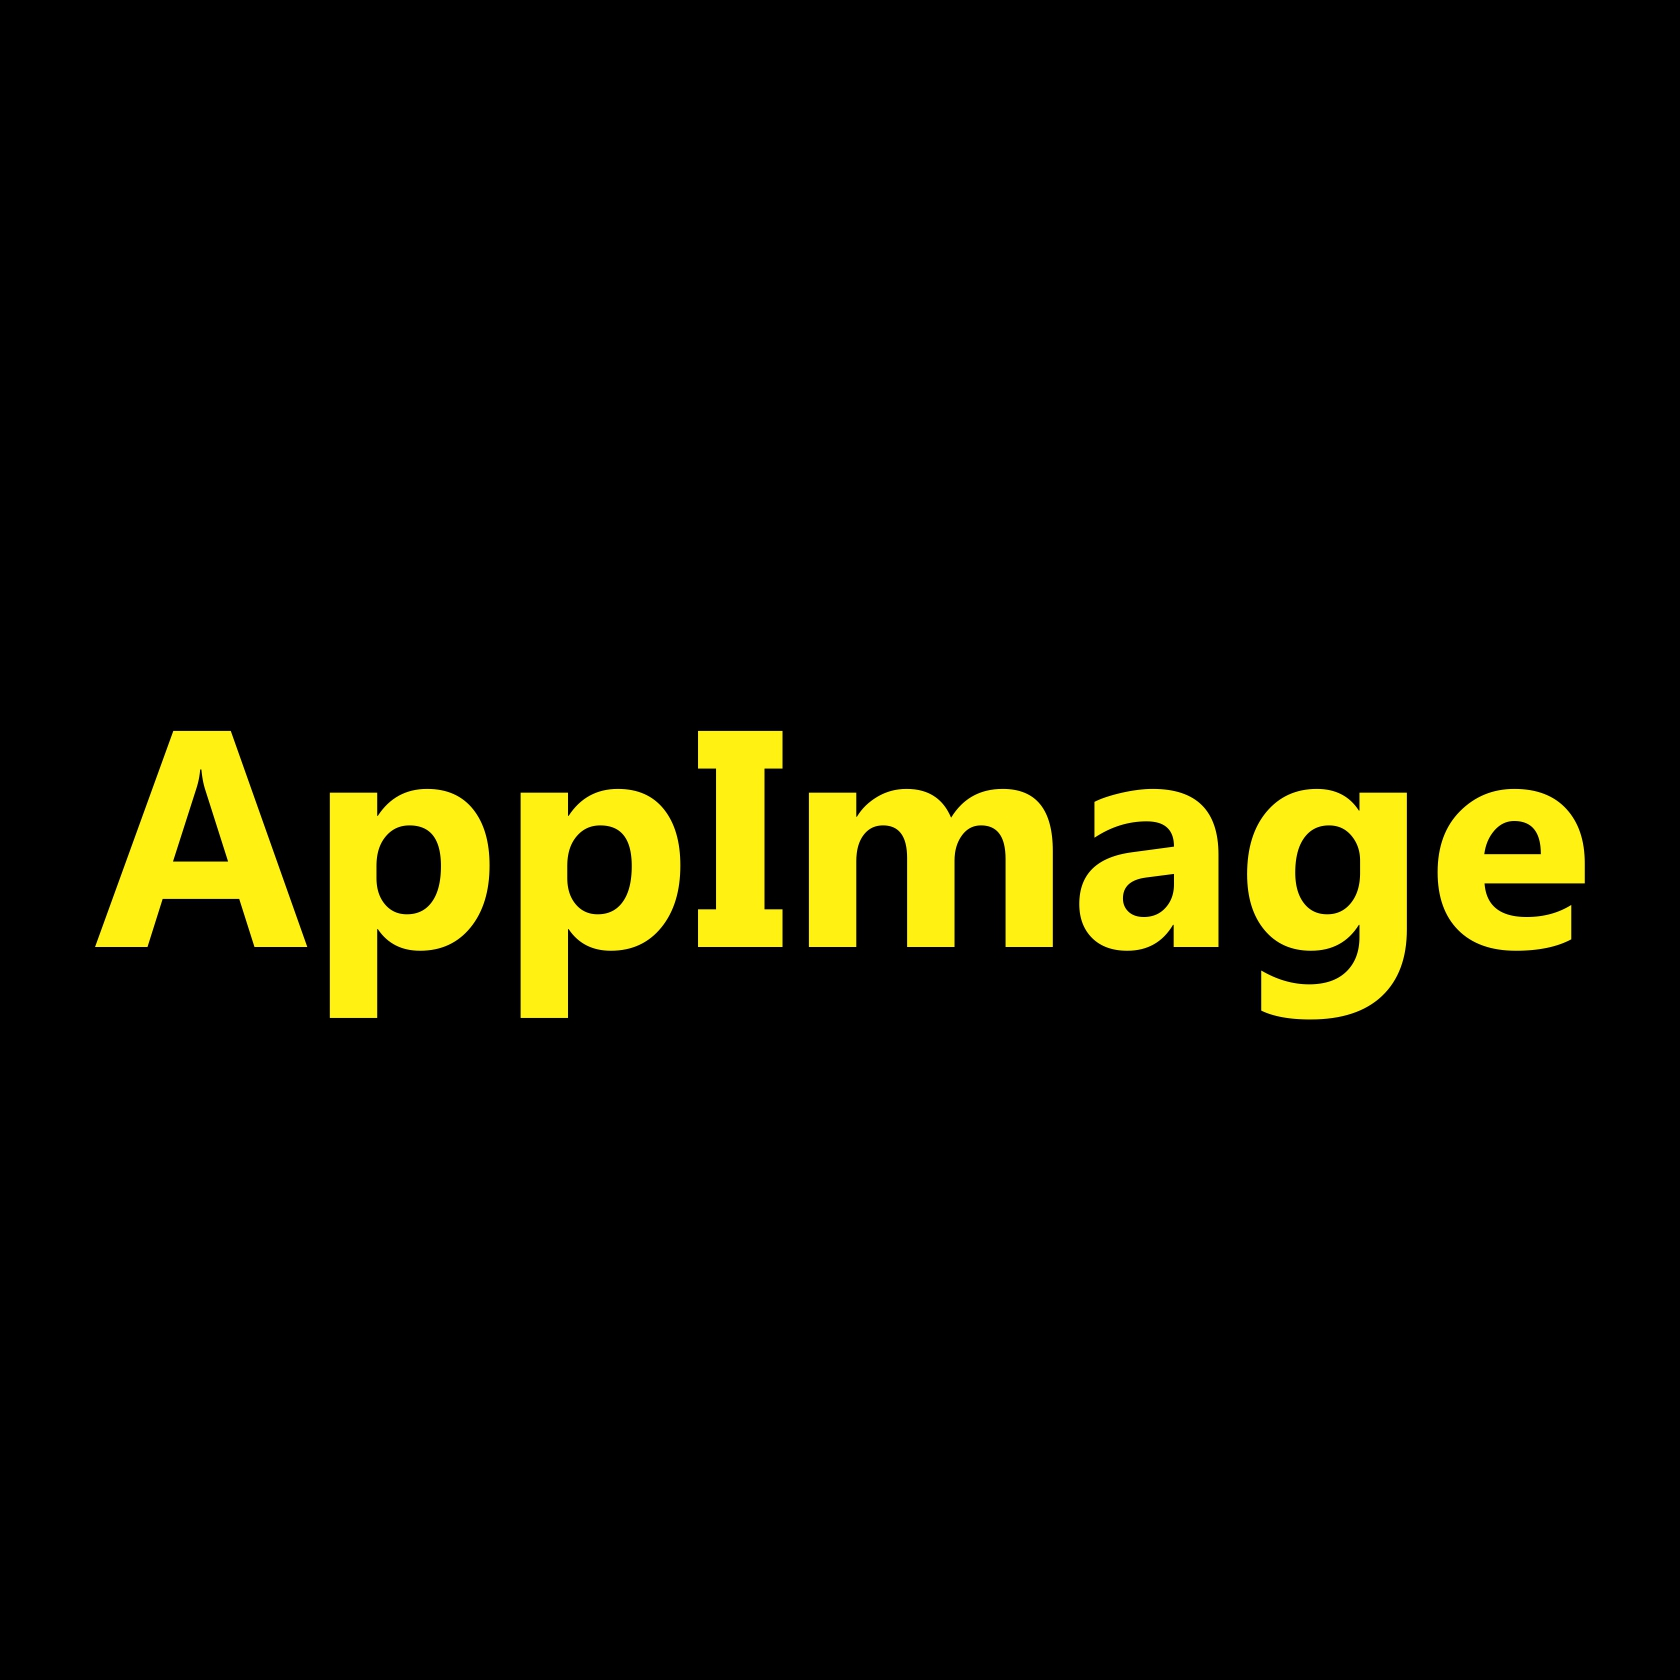 Entendendo o formato de pacotes AppImage - 4Fasters